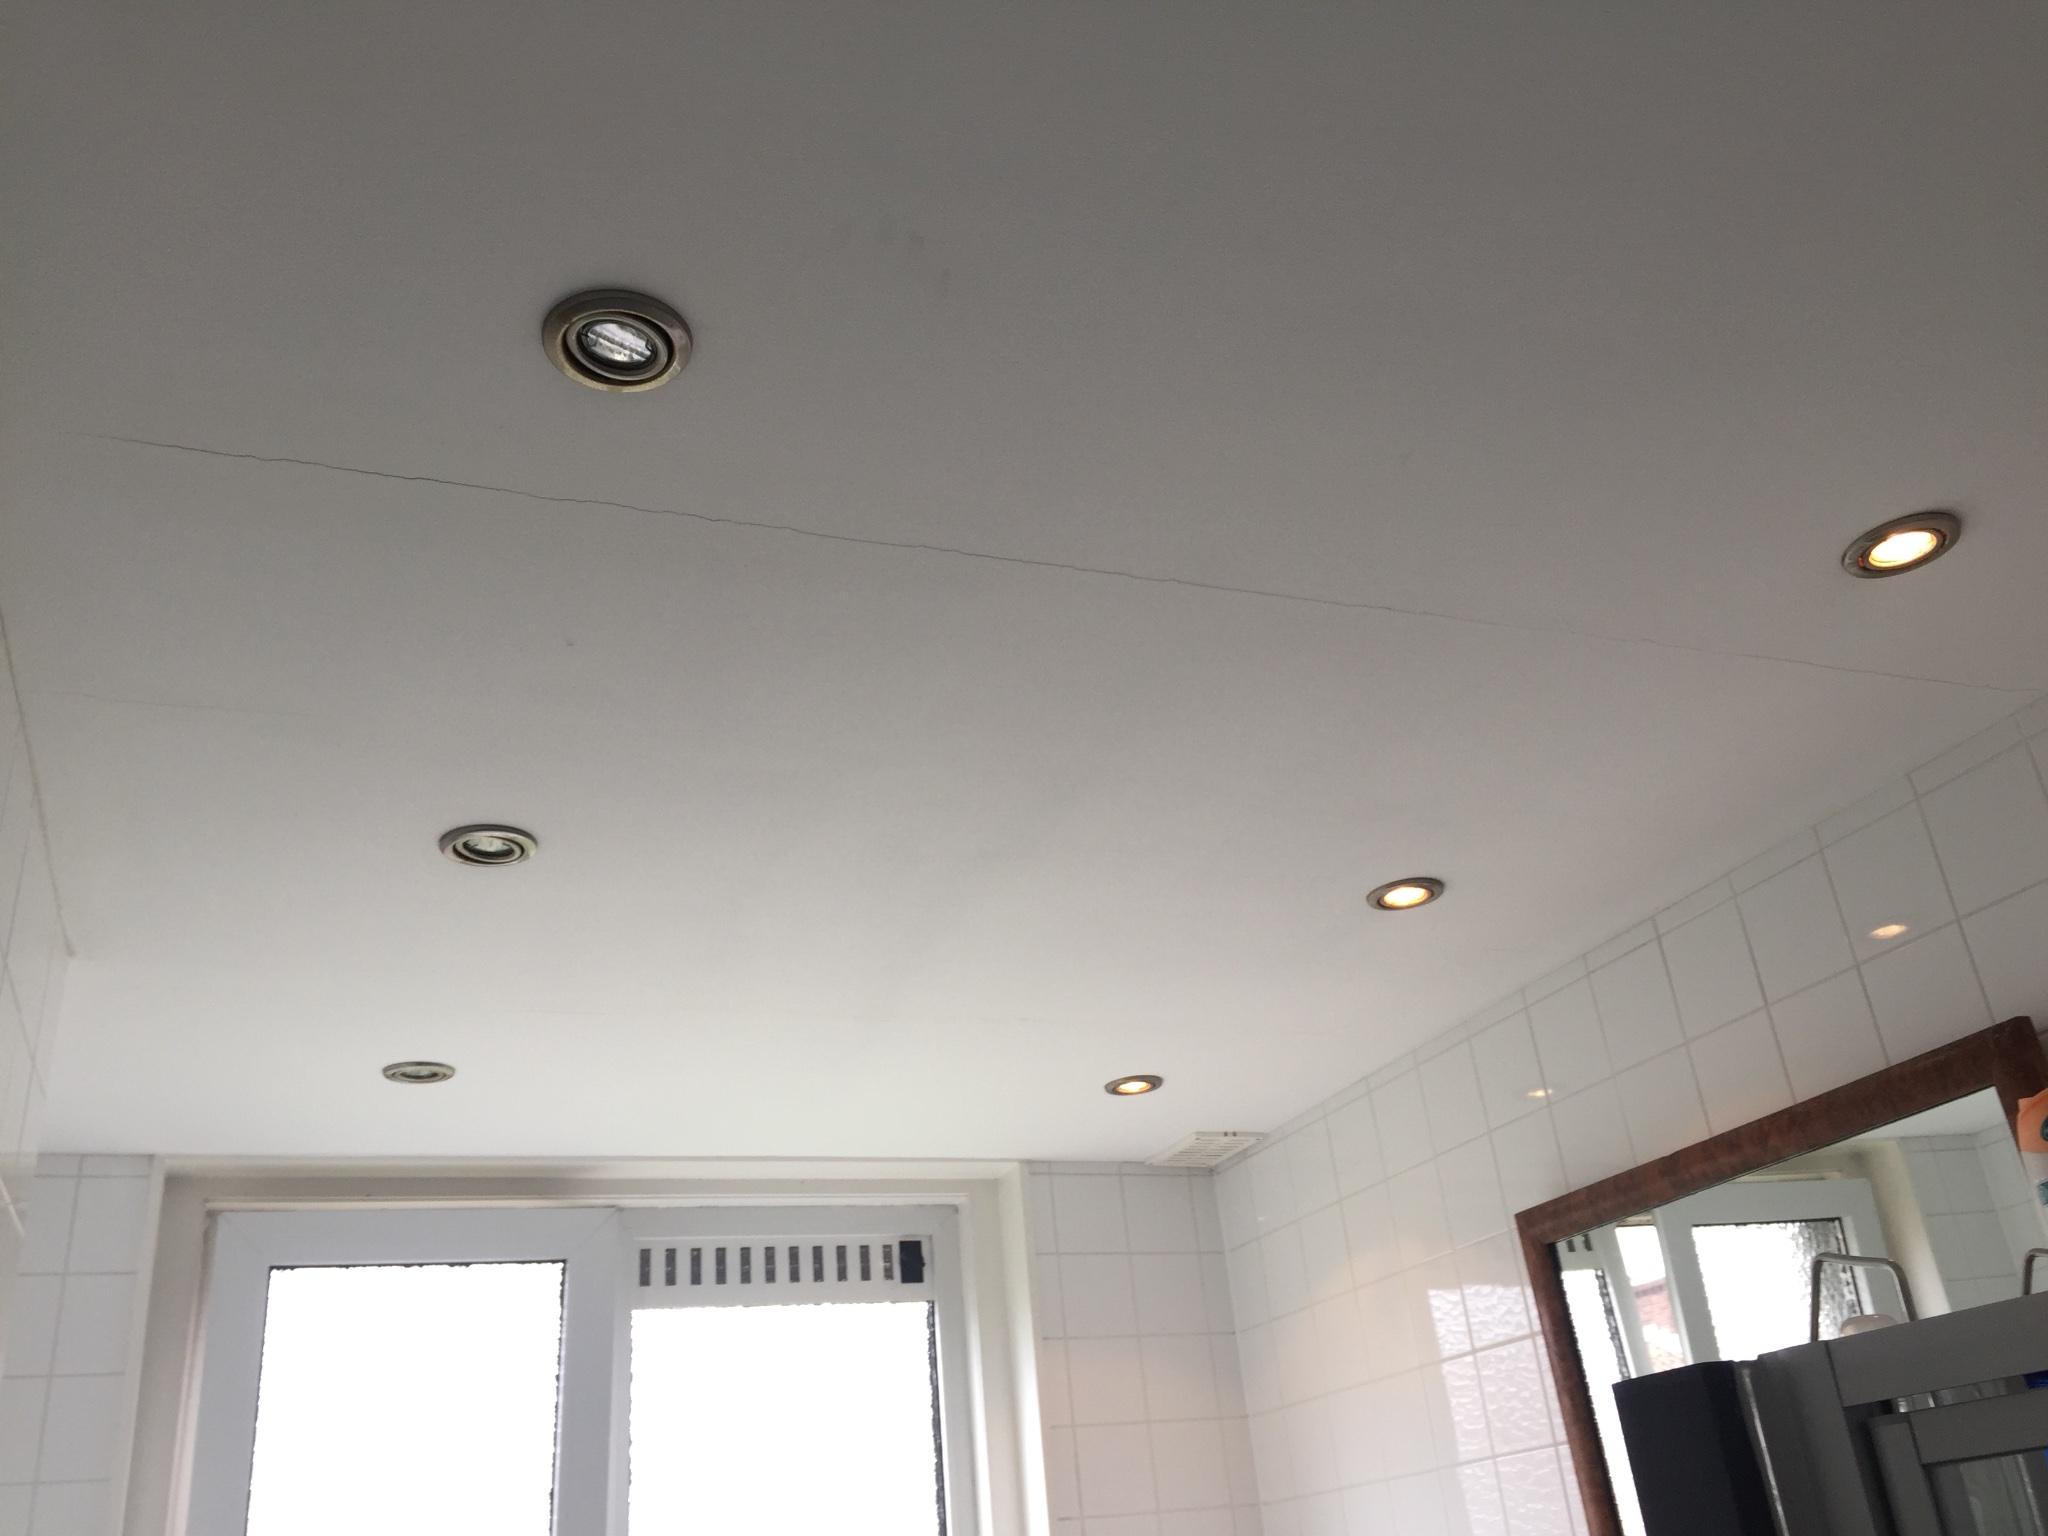 Transformator(en) vernieuwen in badkamer bij 3 halogeen spotjes ...